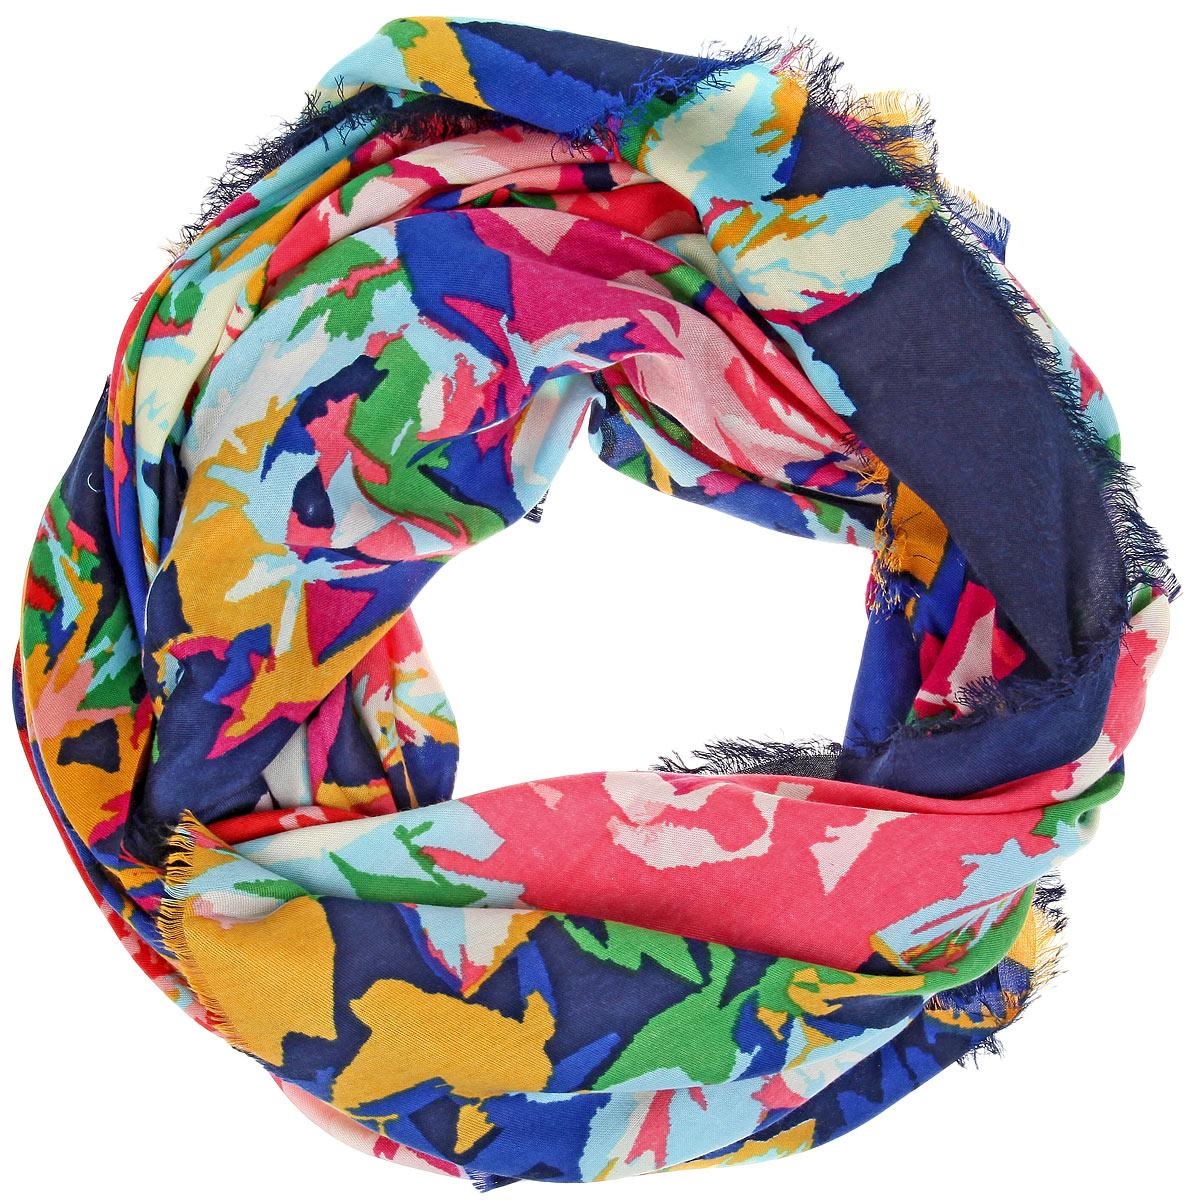 ПлатокBH-11520-3Платок Sophie Ramage, выполненный из модала с добавлением кашемира, идеально дополнит образ современной женщины. Благодаря своему составу, он удивительно мягкий и очень приятный на ощупь. Модель оформлена ярким принтом, а по краям декорирована бахромой. Классическая квадратная форма позволяет носить платок на шее, украшать им прическу или декорировать сумочку. С этим платком вы всегда будете выглядеть женственной и привлекательной.